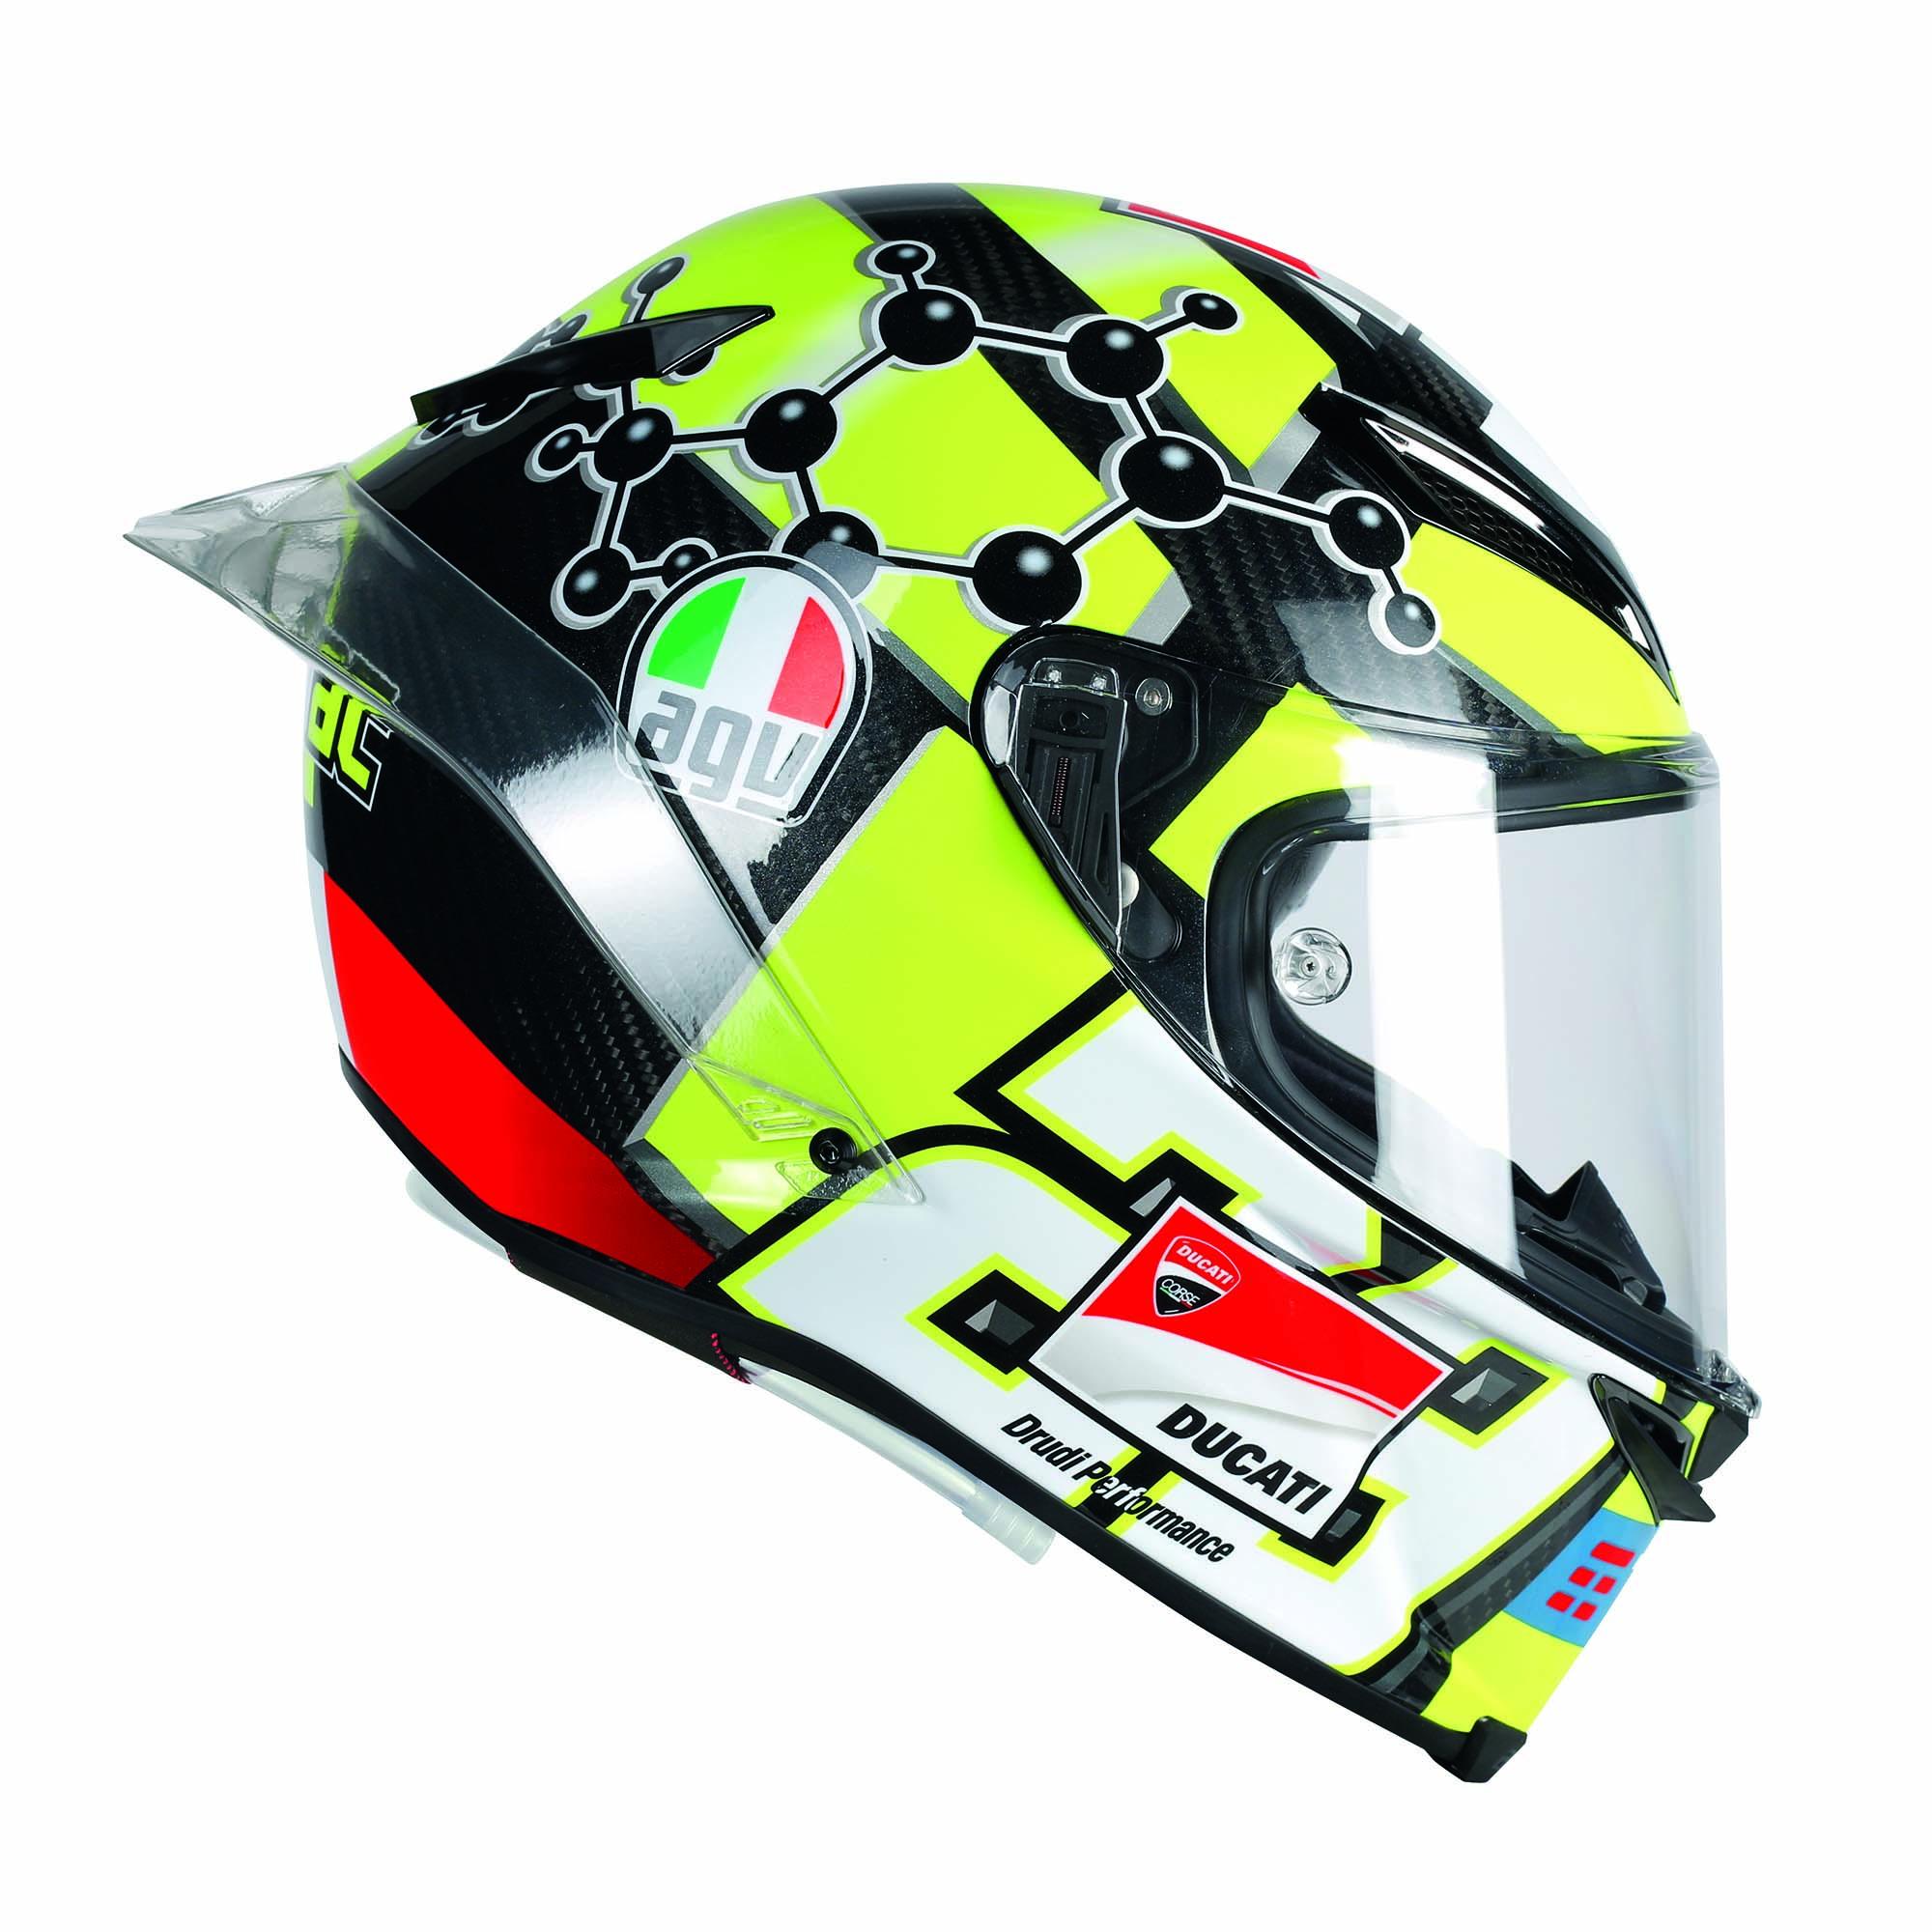 agv design Robbiano design ciao sergio sergio ci ha lasciati il 30 giugno 2014,  agv corsa racetrack italia caschi omp one s 40° shoes scarpe cagiva mito 125 ev moto.